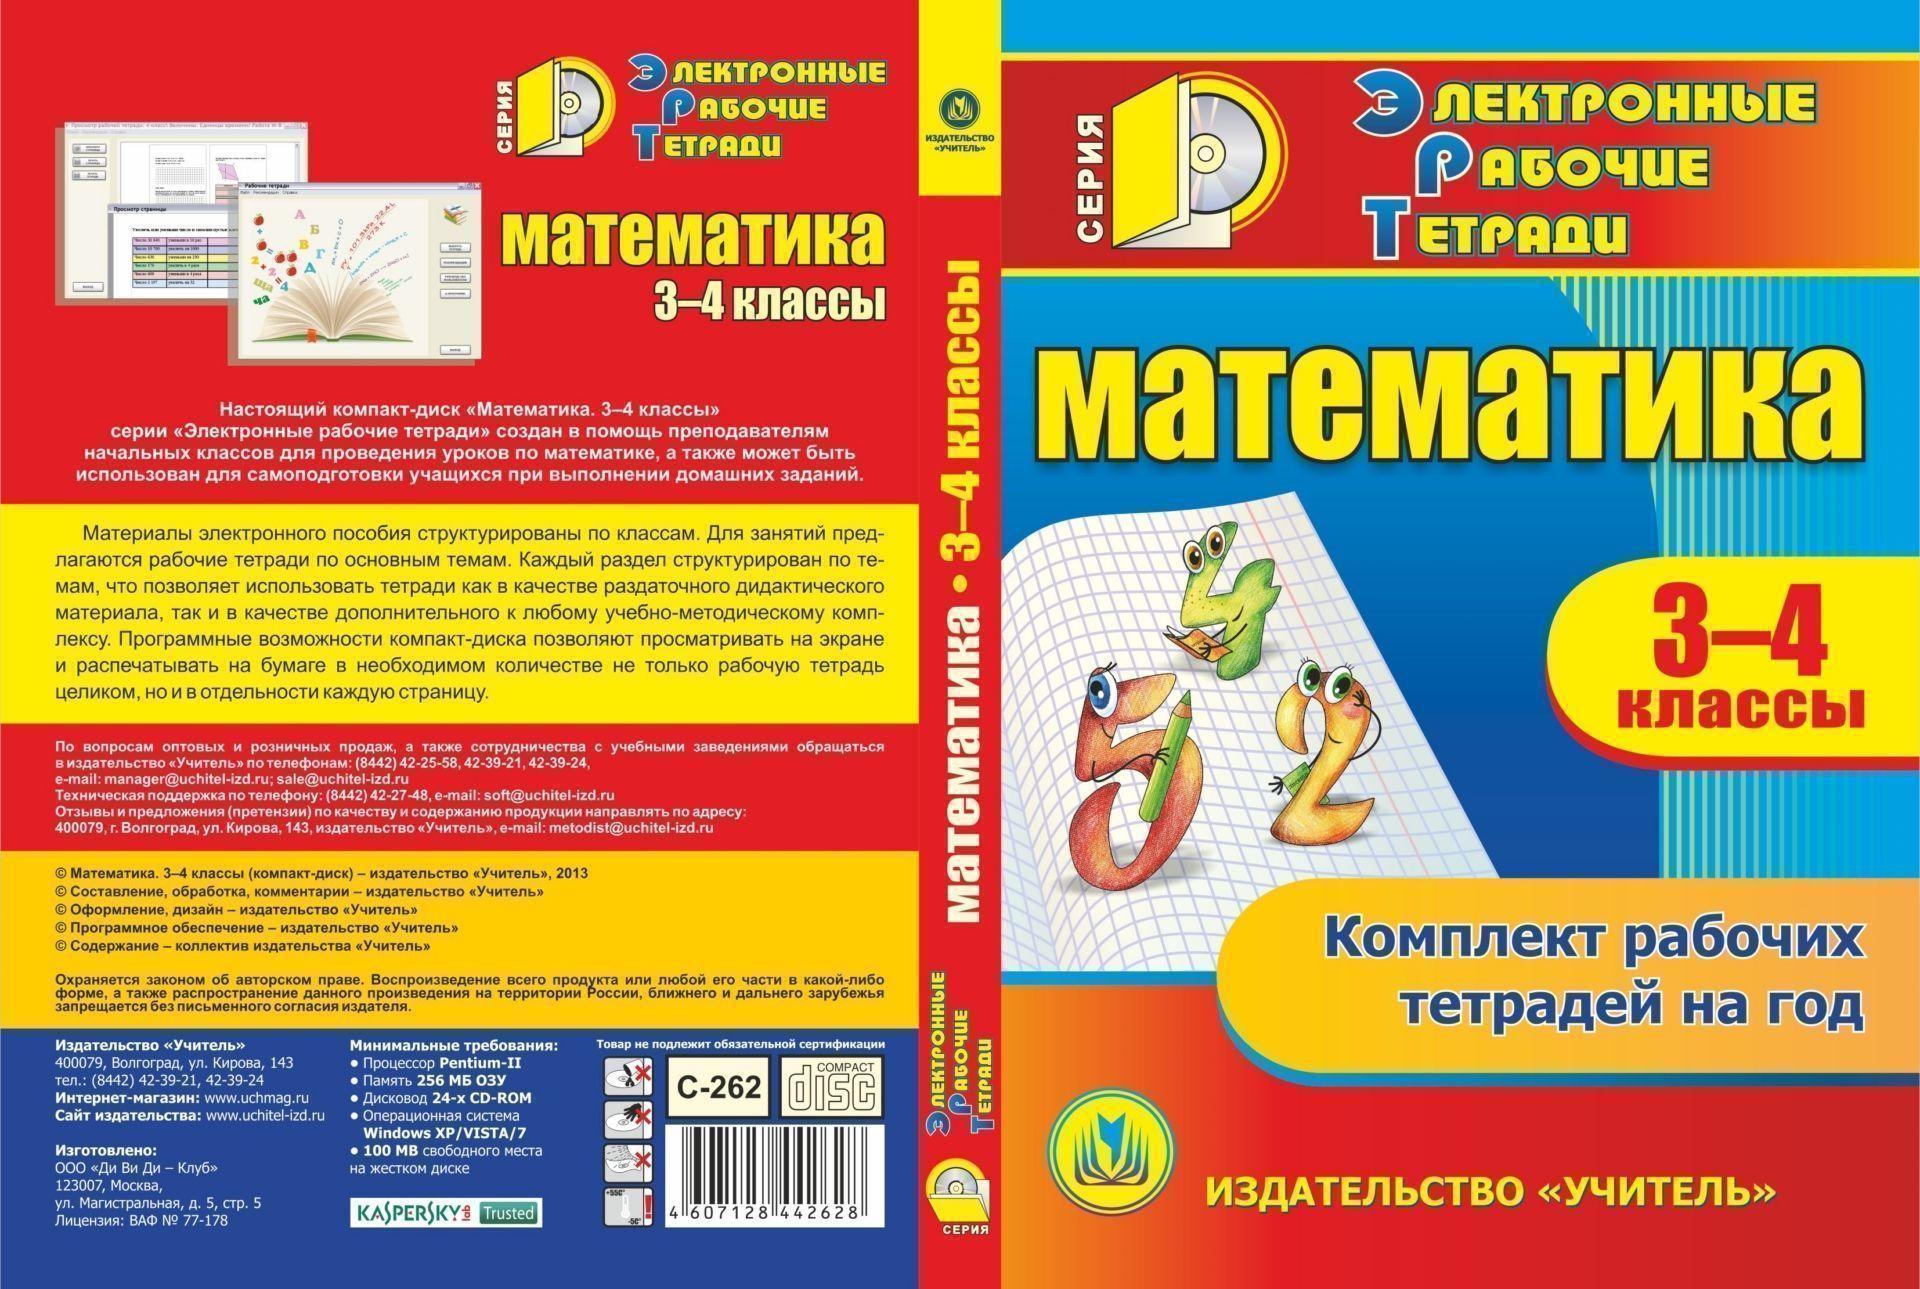 Математика. 3-4 классы. Компакт-диск для компьютера: Комплект рабочих тетрадей на год.Начальная школа<br>Настоящий компакт-диск Математика. 3-4 классы серии Электронные рабочие тетради создан в помощь преподавателям начальных классов для проведения уроков по математике, а также может быть использован для самоподготовки учащихся по предмету под руководств...<br><br>Авторы: Авторский коллектив издательства Учитель<br>Год: 2013<br>Серия: Электронные рабочие тетради<br>Высота: 190<br>Ширина: 135<br>Толщина: 12